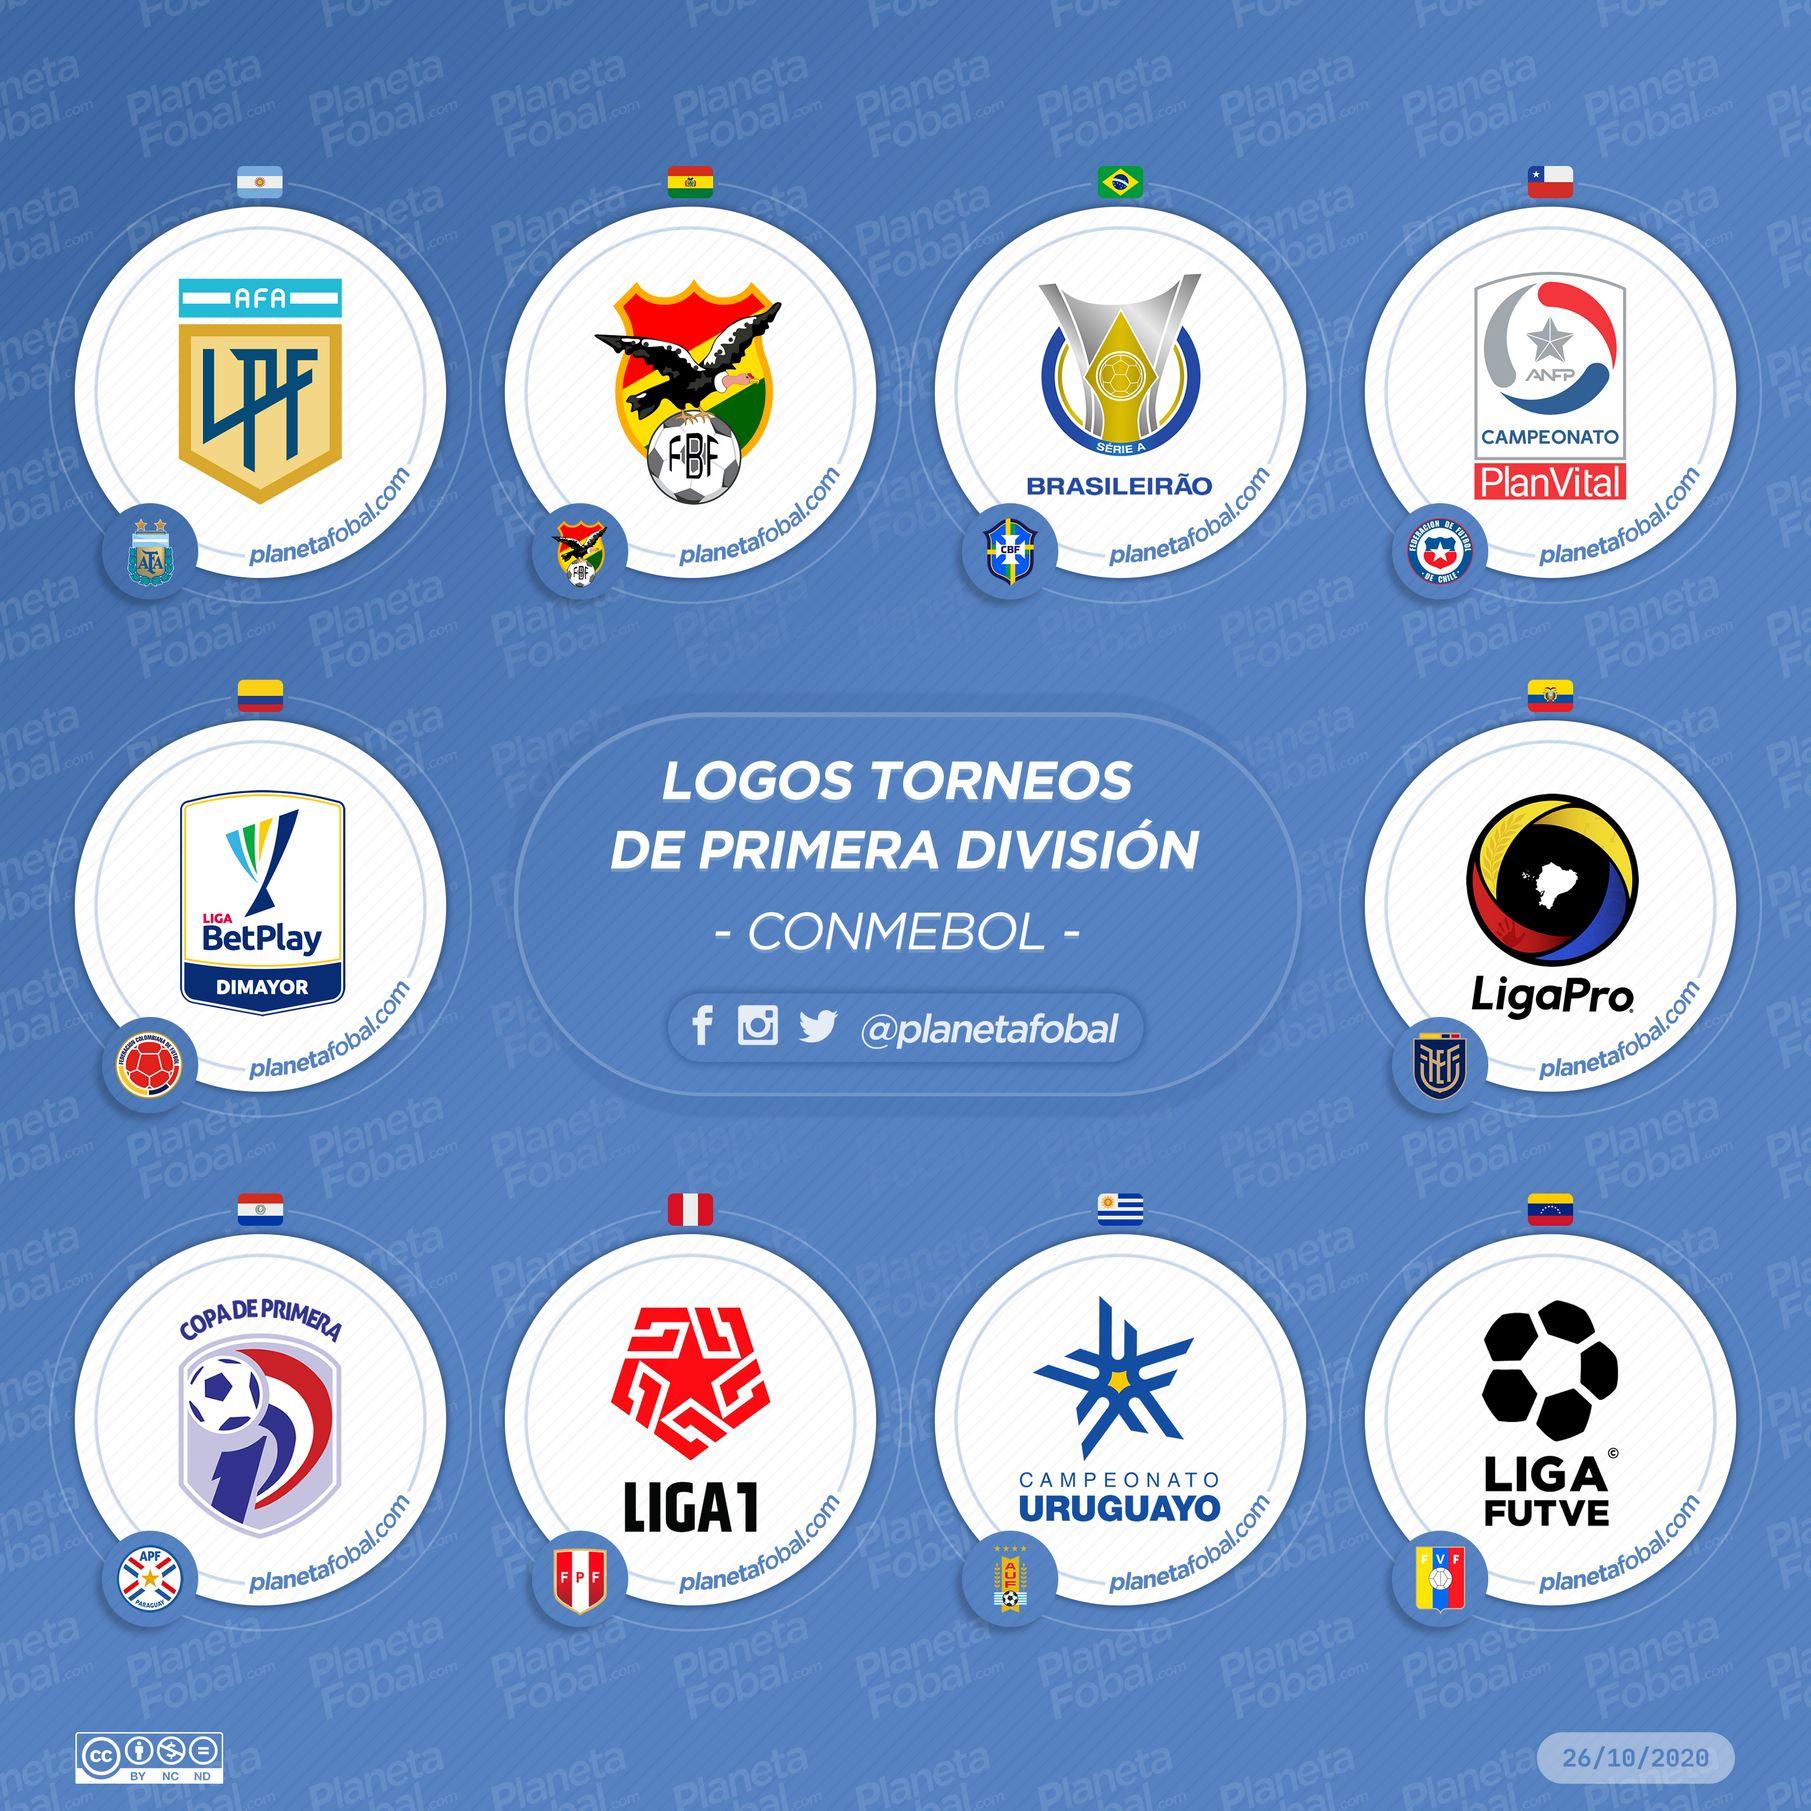 Logos de la ligas de primera división de Sudamérica